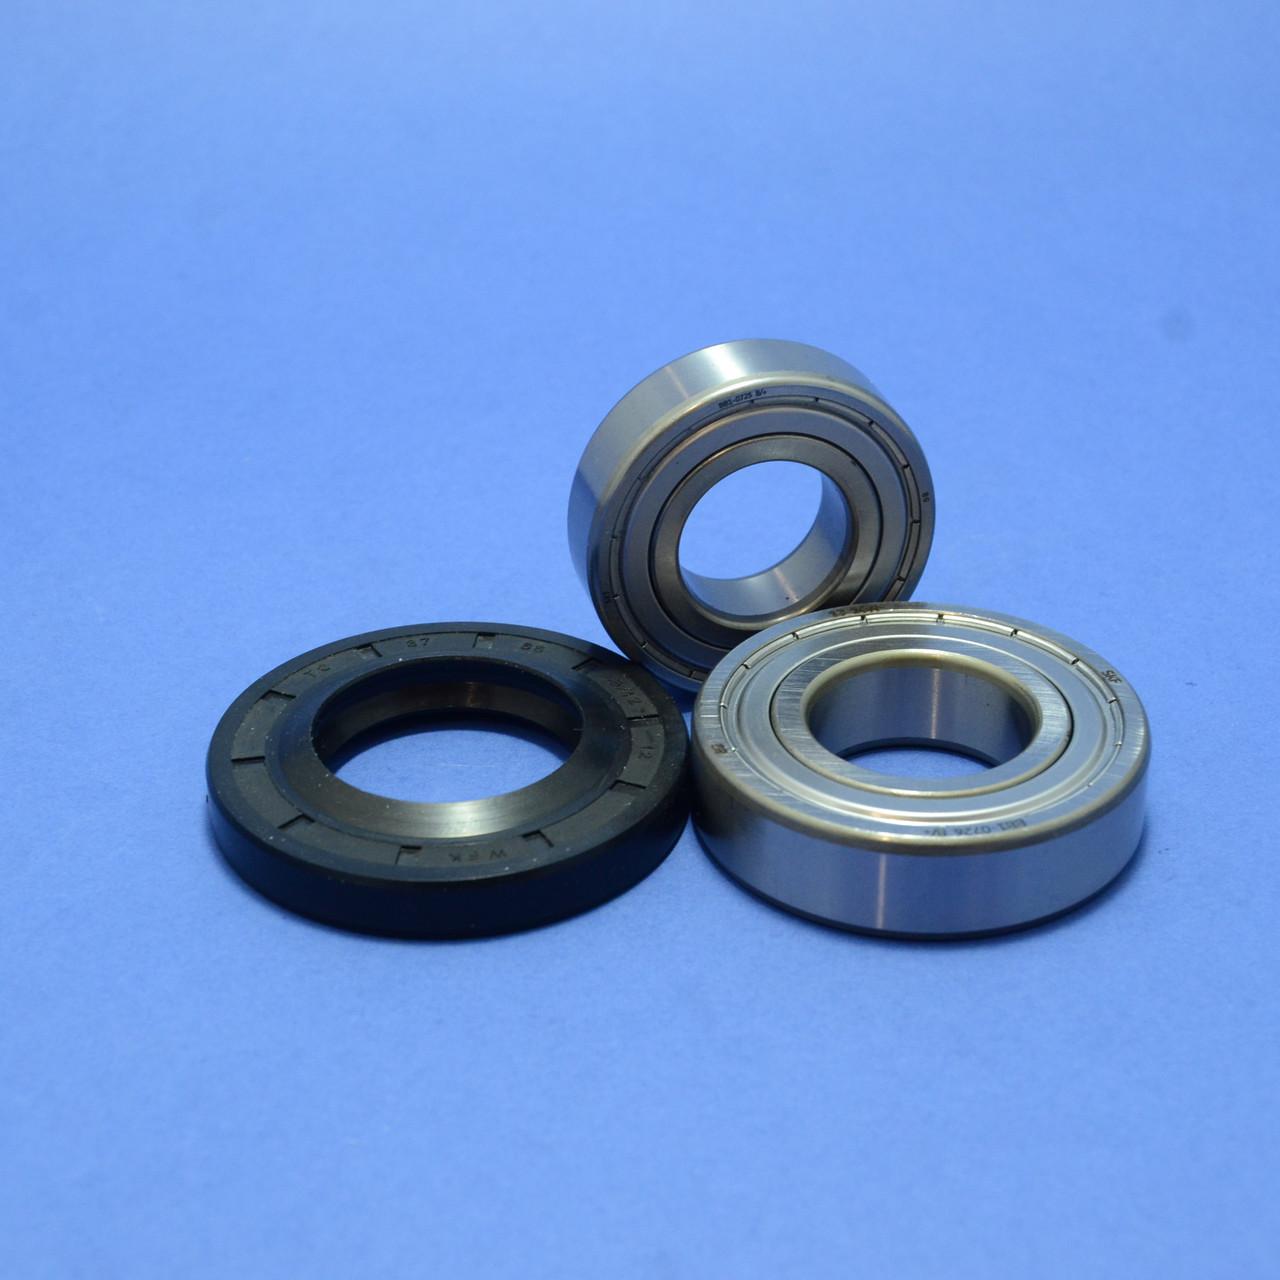 Комплект подшипников и сальник (6205+6206+37*66*9.5/12)для стиральной машины LG